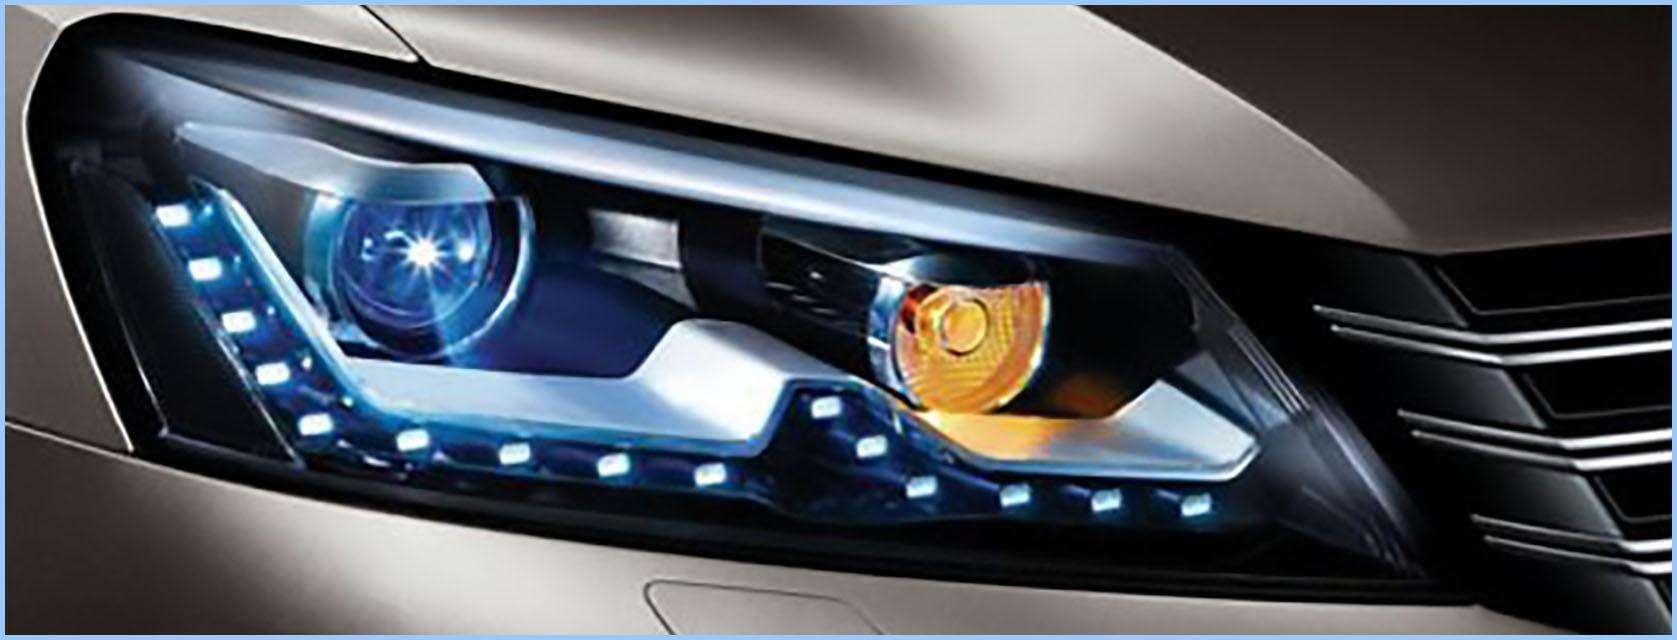 341-车灯材料物性对比-配图